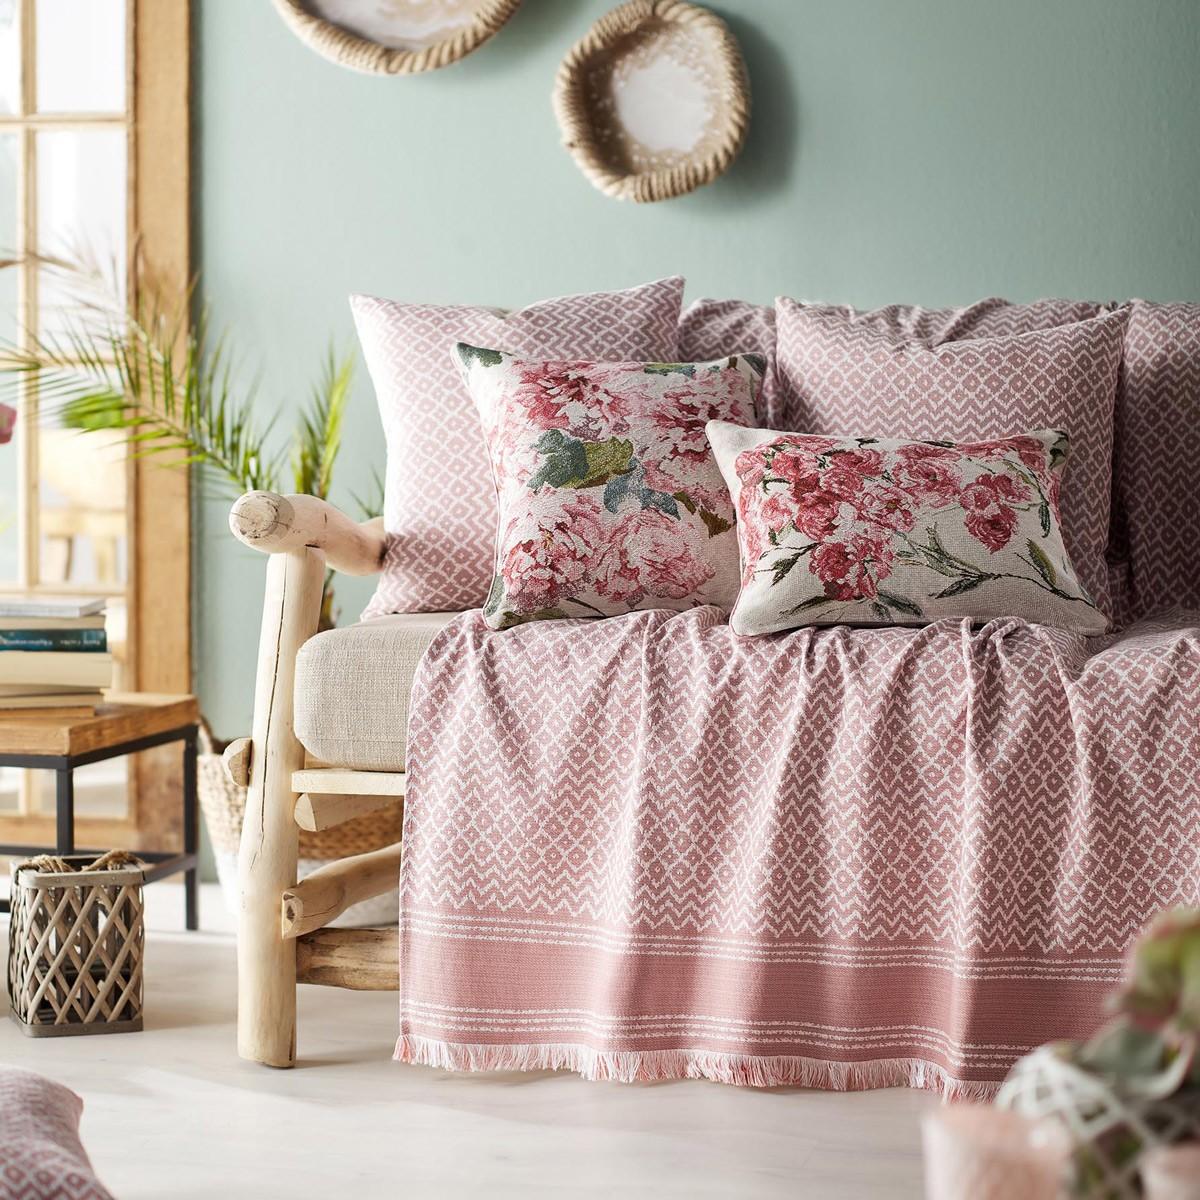 Ριχτάρι Πολυθρόνας (180x180) Gofis Home Amina Pink 733/03